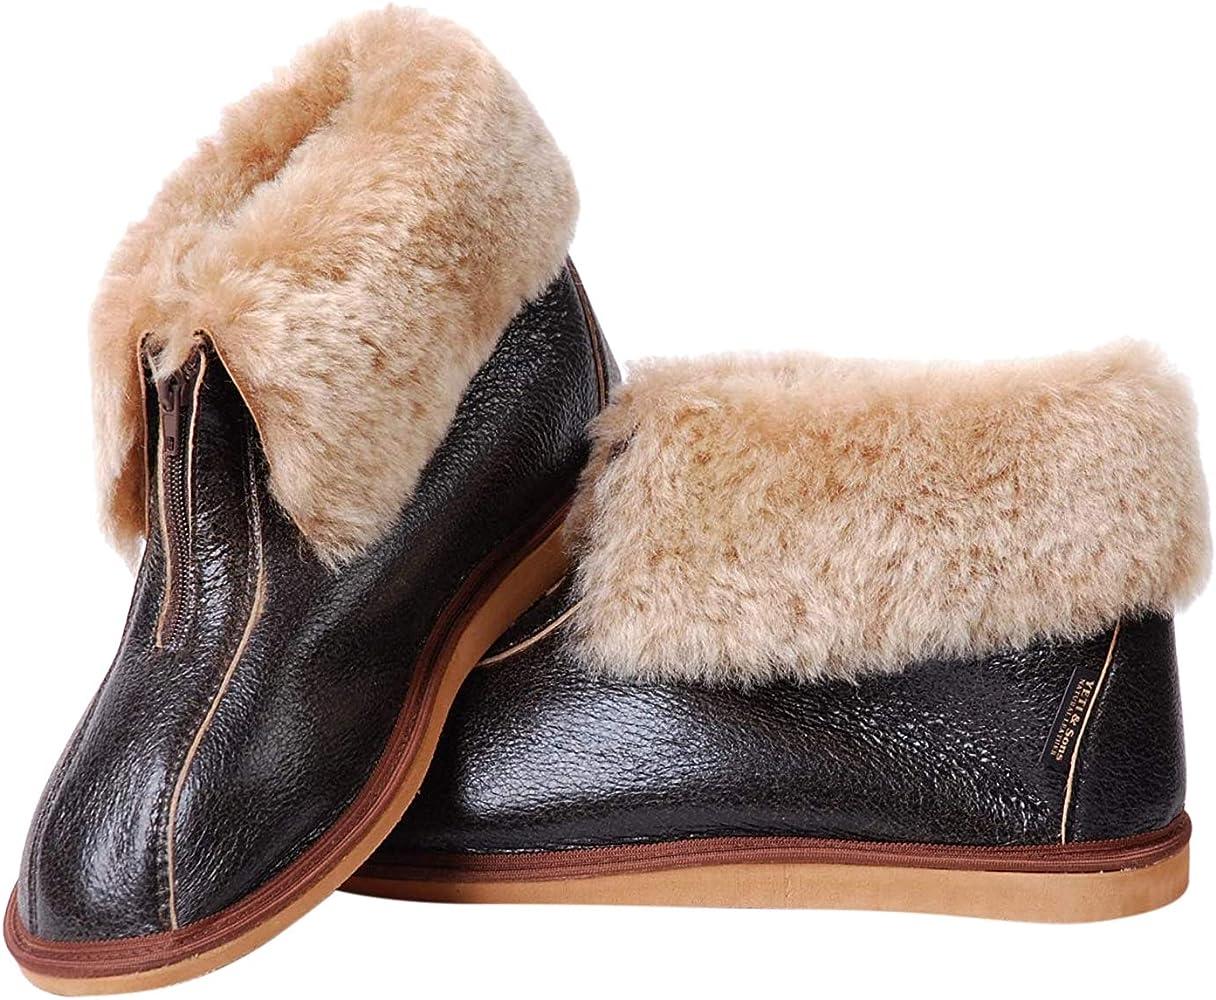 Yeti & Sons - Zapatillas para hombre 100% piel de oveja forradas con cremallera, en caja de regalo, color Marrón, talla 41 1/3 EU: Amazon.es: Zapatos y complementos